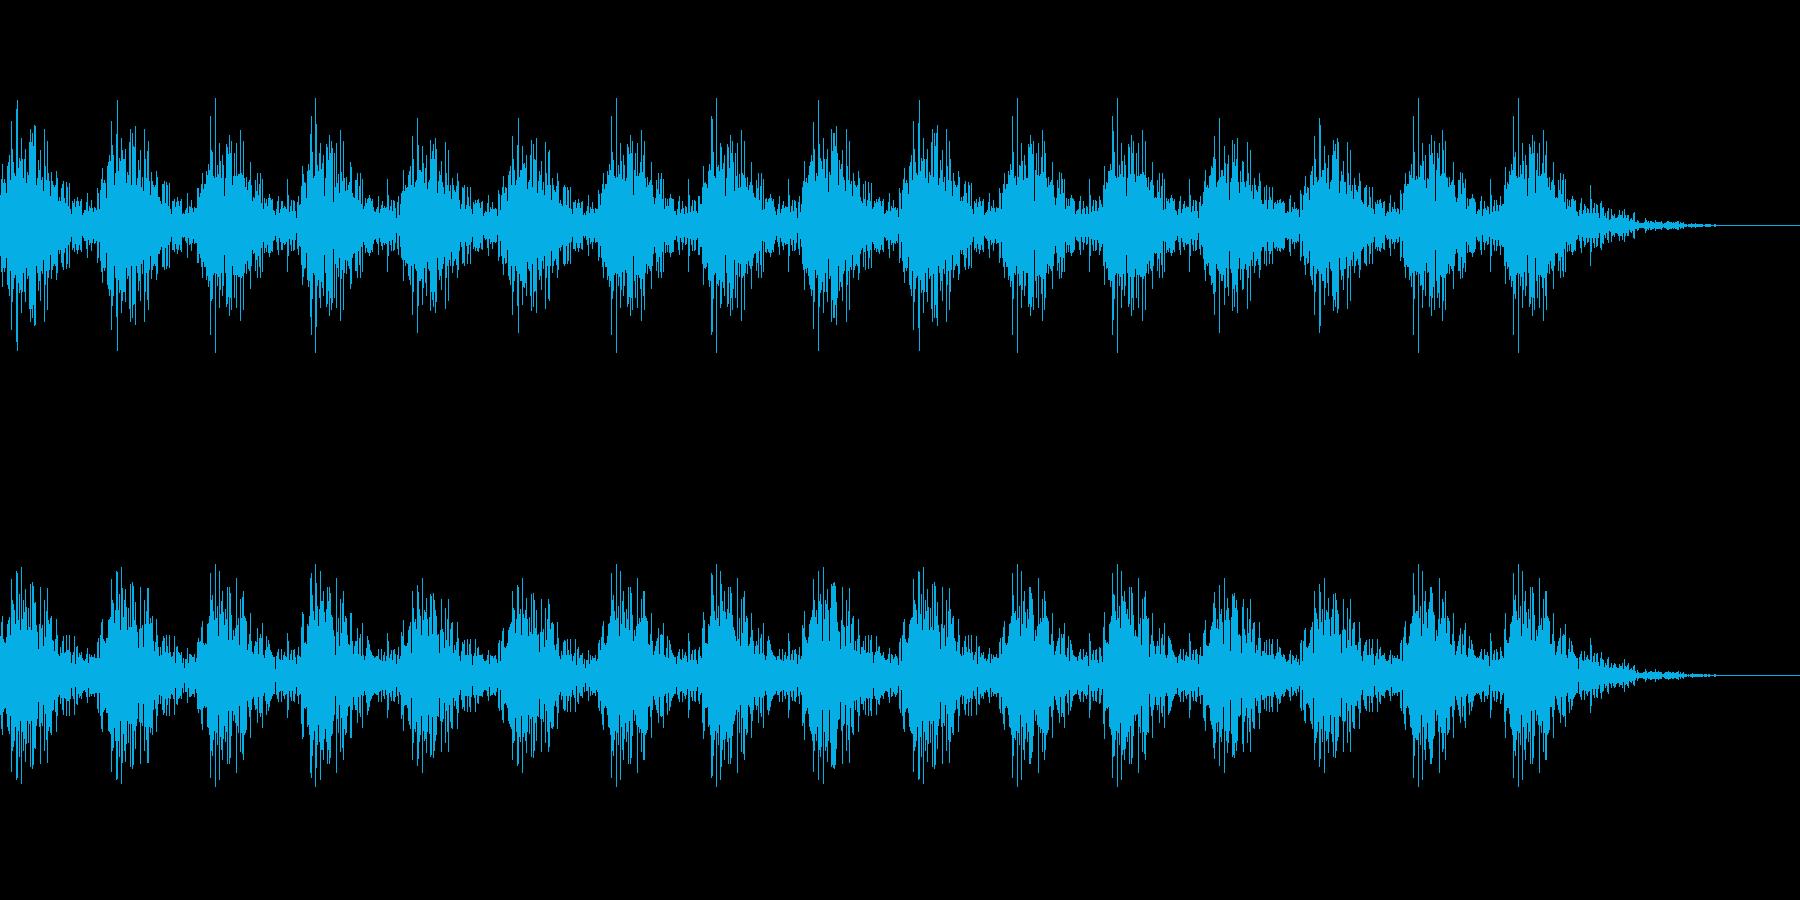 どんどん(巨人、速歩き)A03の再生済みの波形